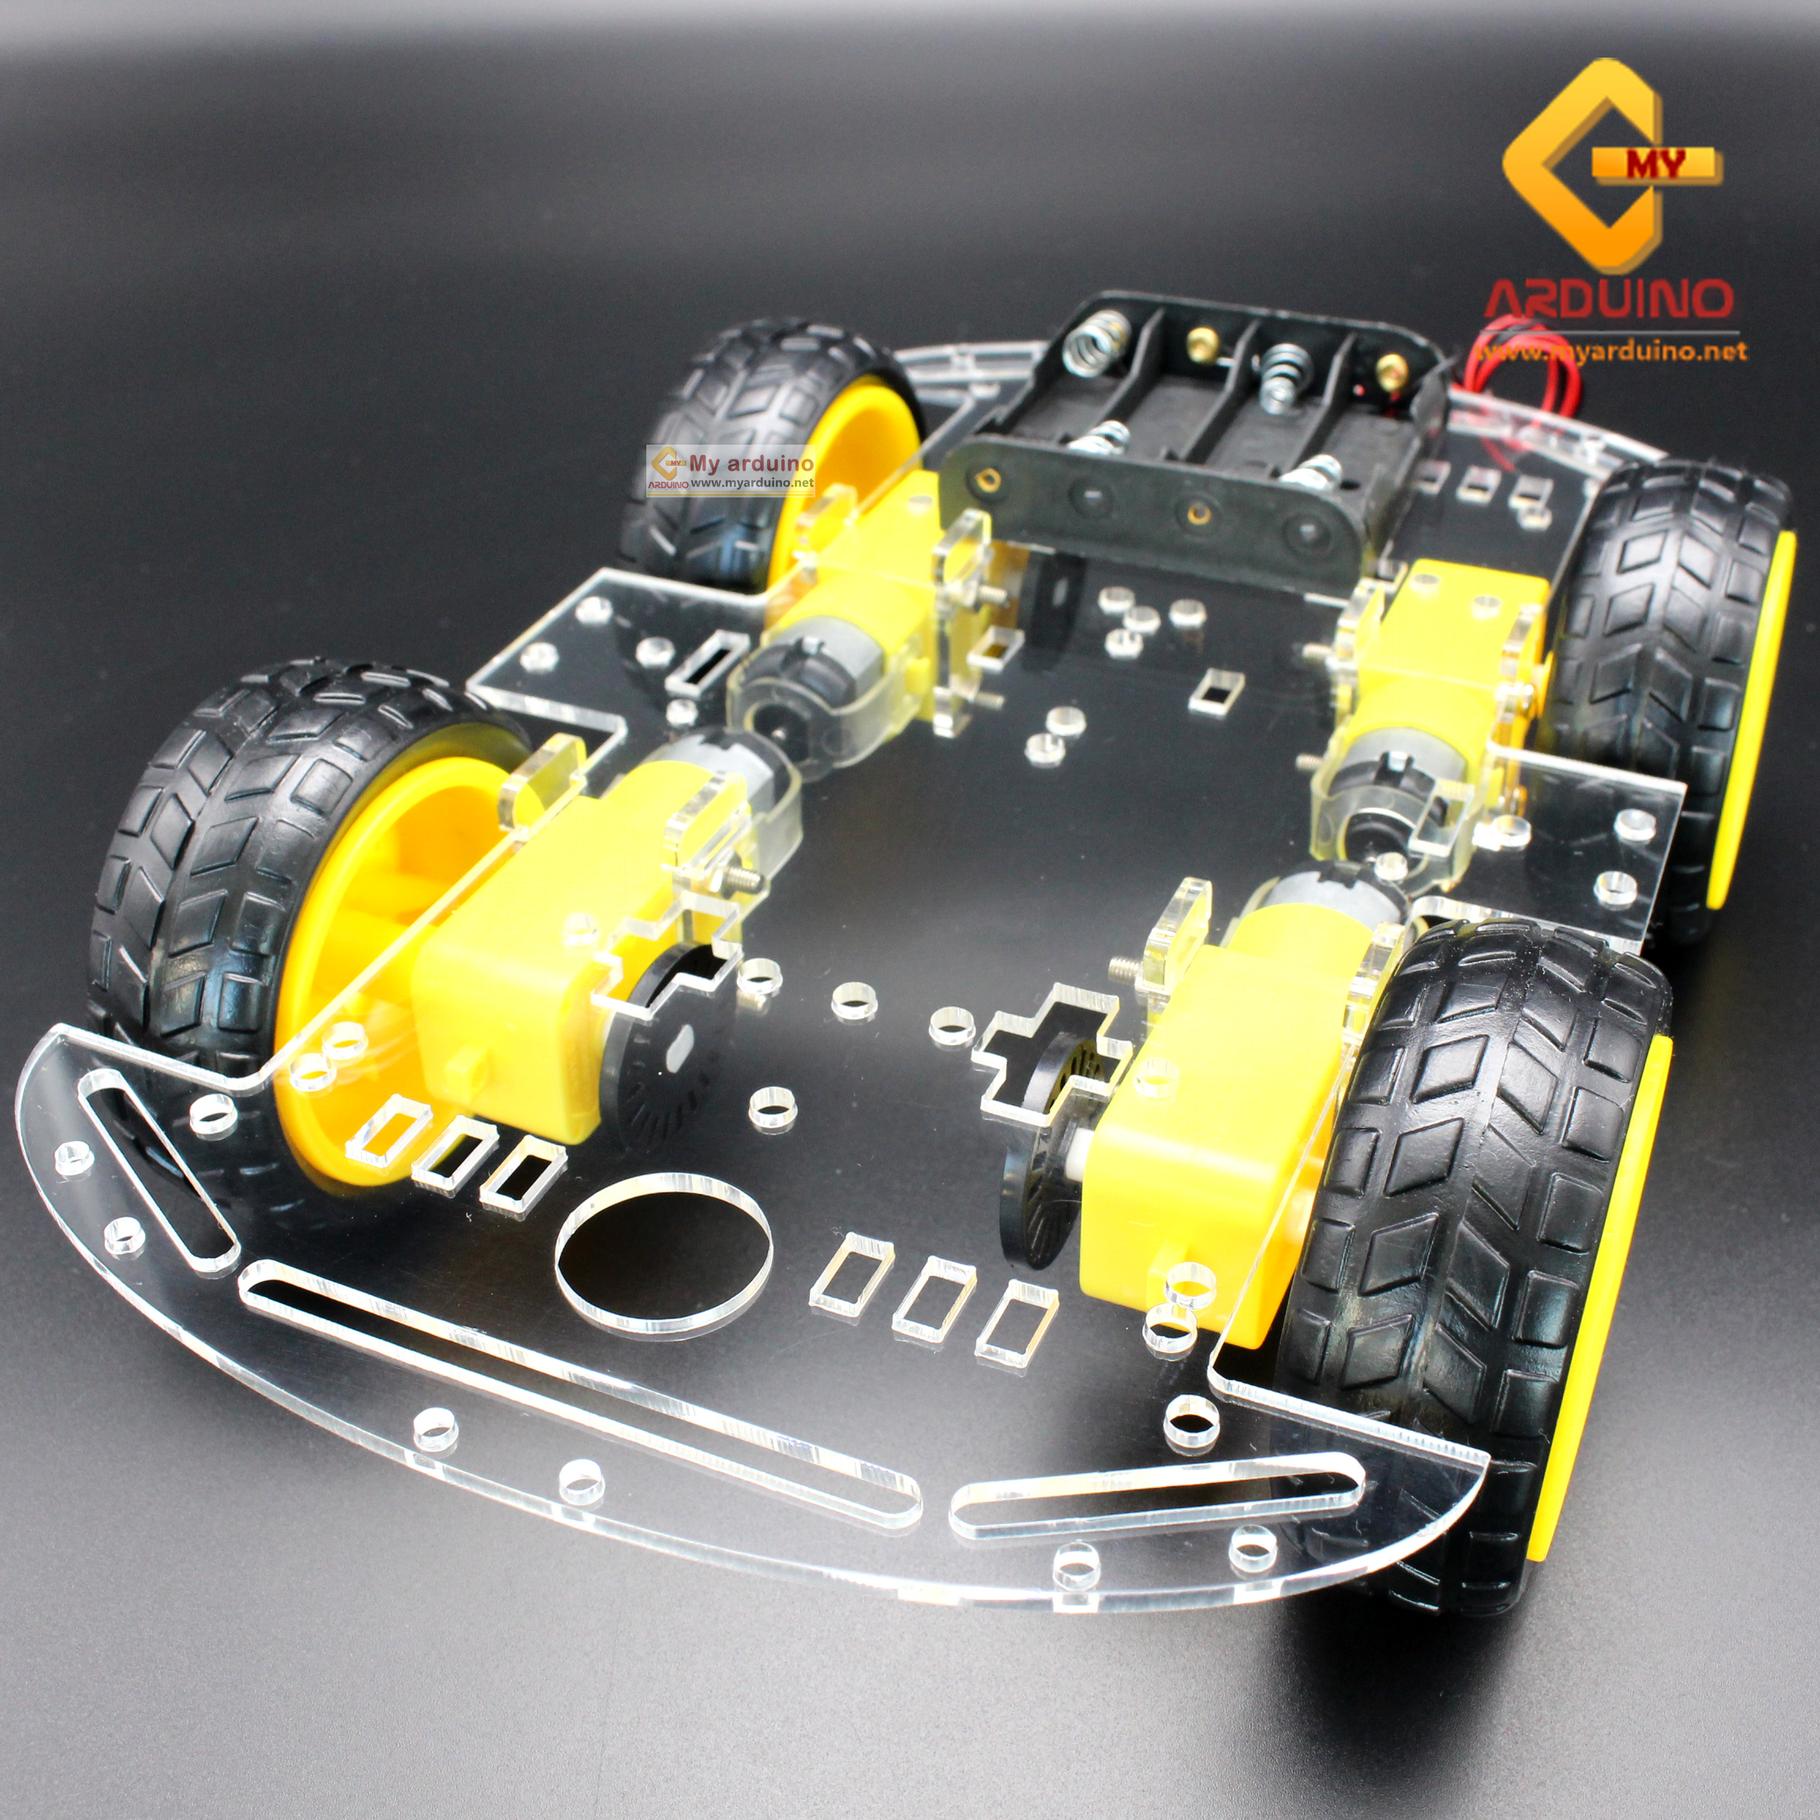 โครงรถ หุ่นยนต์ 4WD สีใส smart car chassis 1 ชั้น